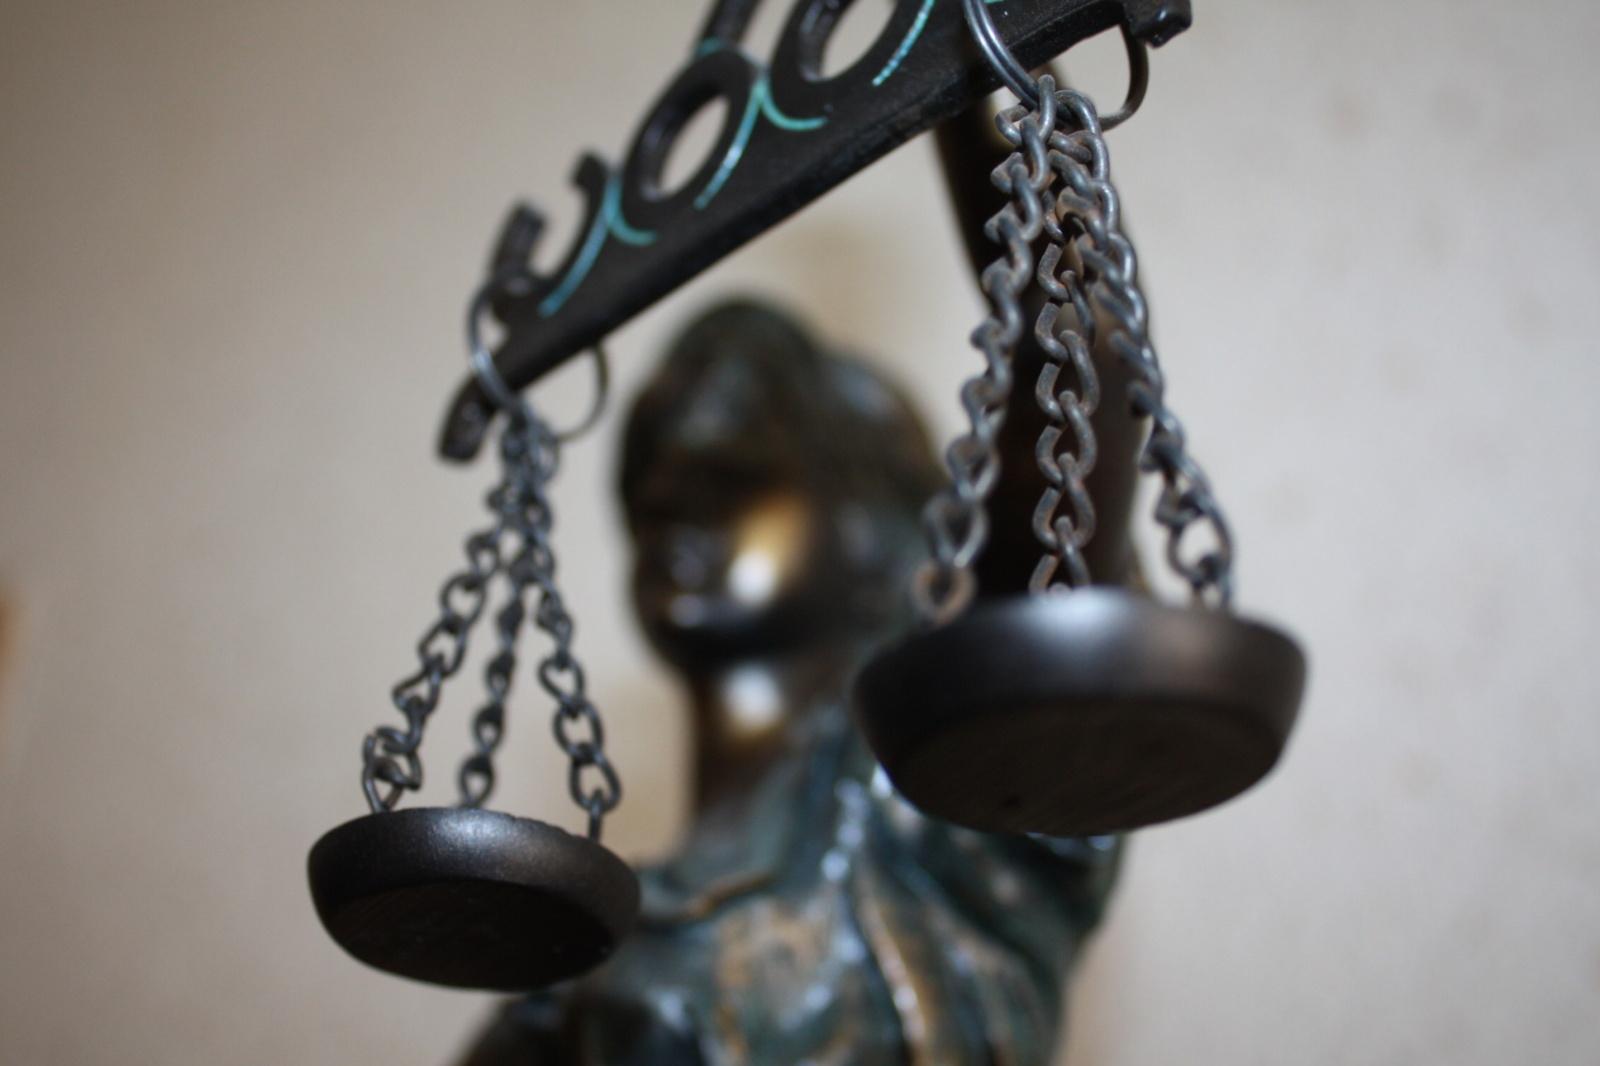 Šešėlyje veikusi viena didžiausių uostamiesčio autotransporto įmonė bausmės neišvengė